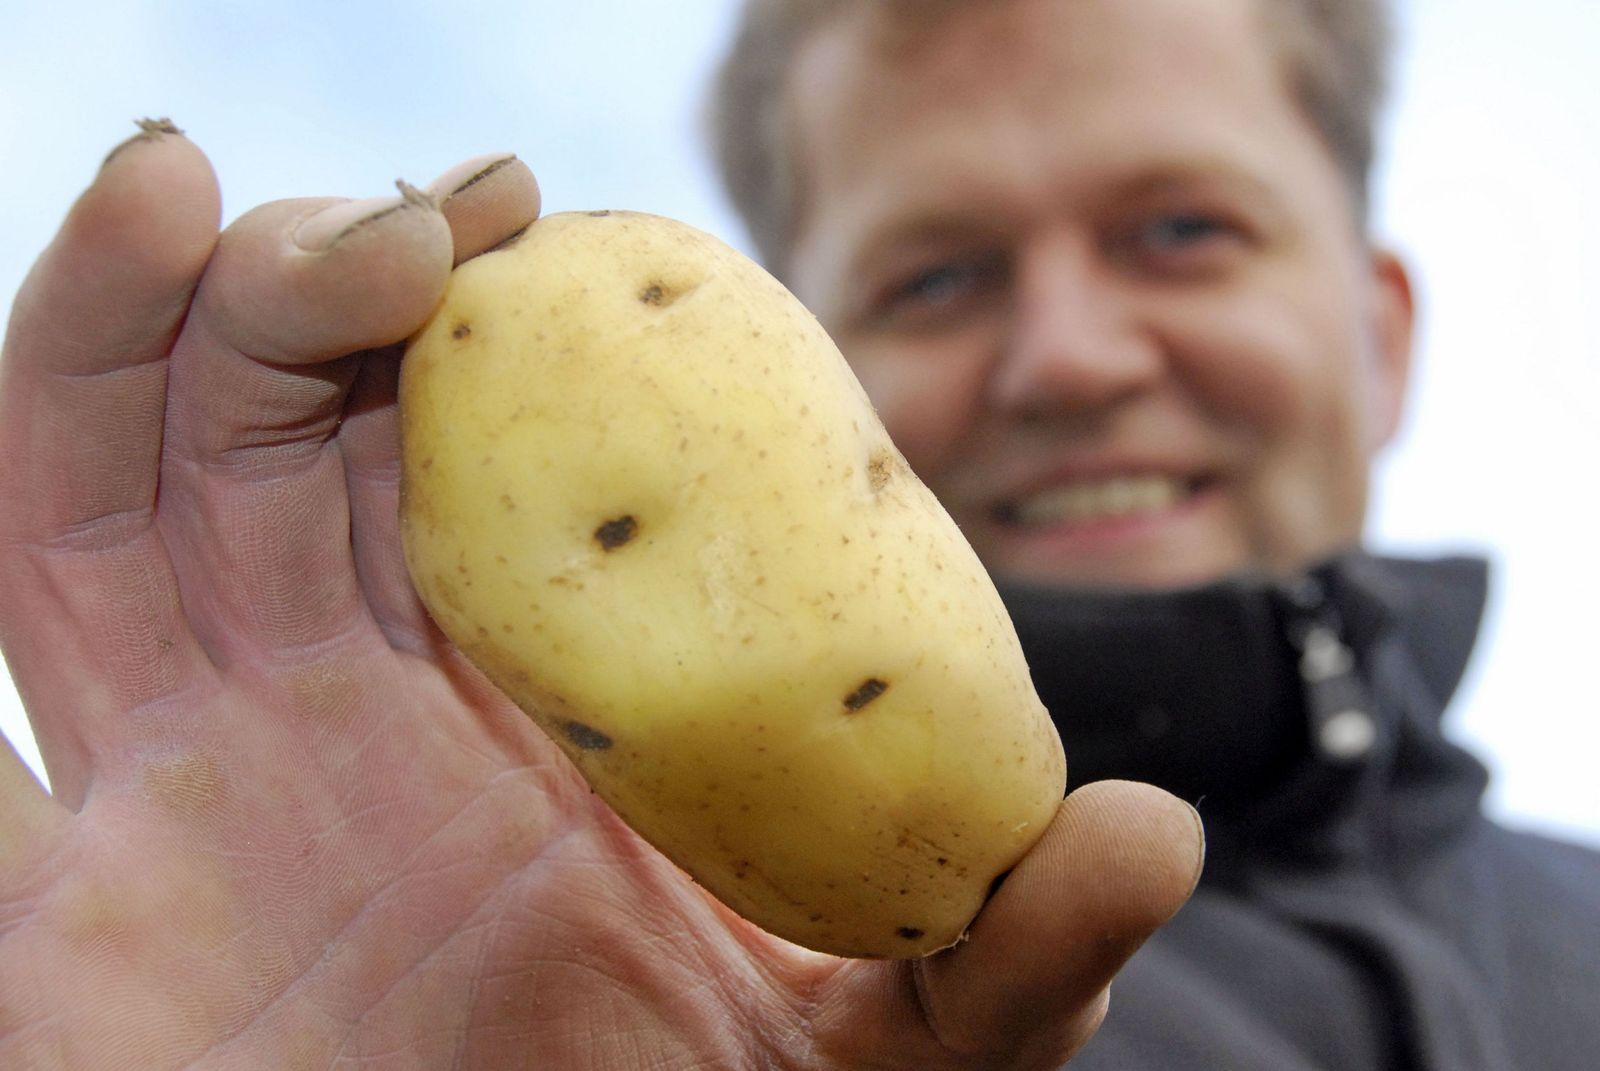 NUR FÜR SPAM Beliebte Kartoffel Linda kommt zurück